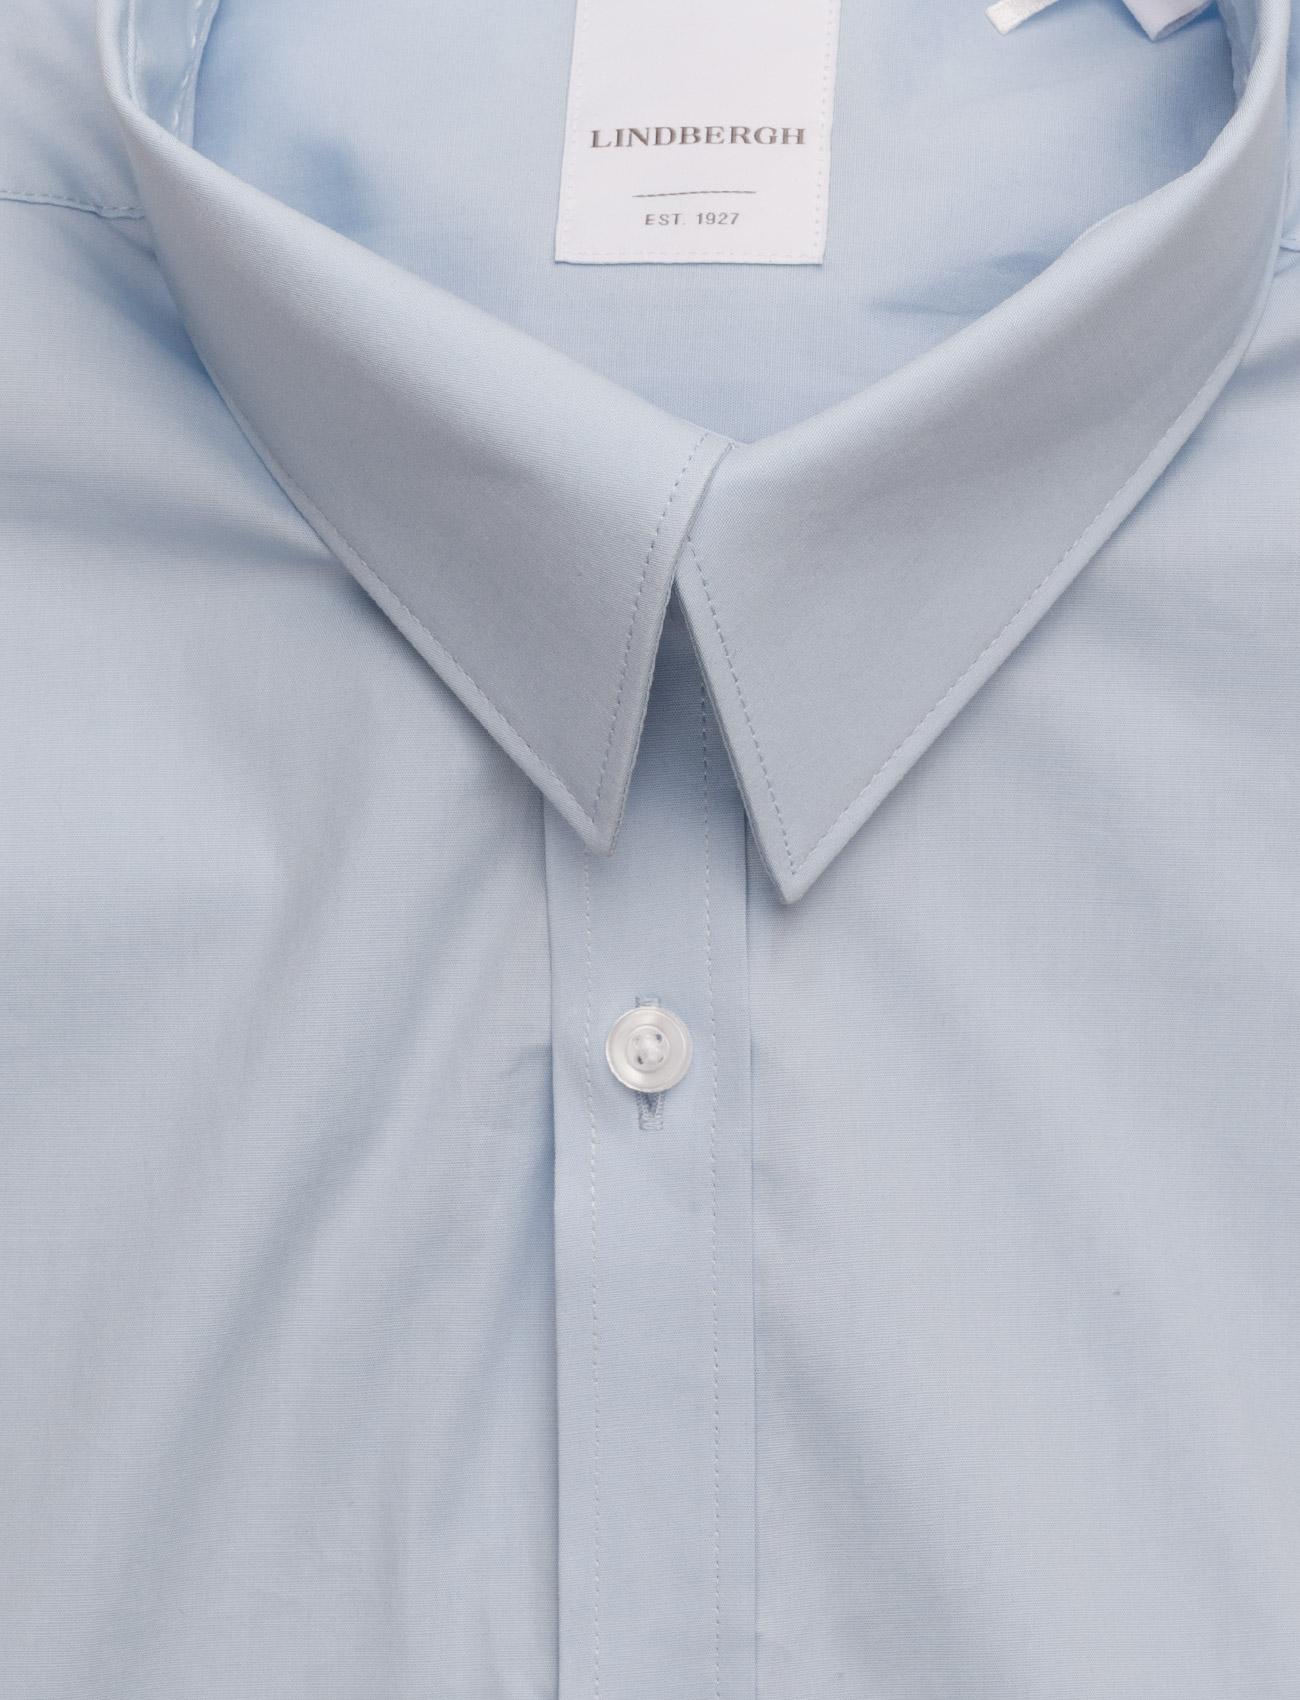 Lindbergh Men's Stretch Shirt L/S - Skjorter LT BLUE - Menn Klær